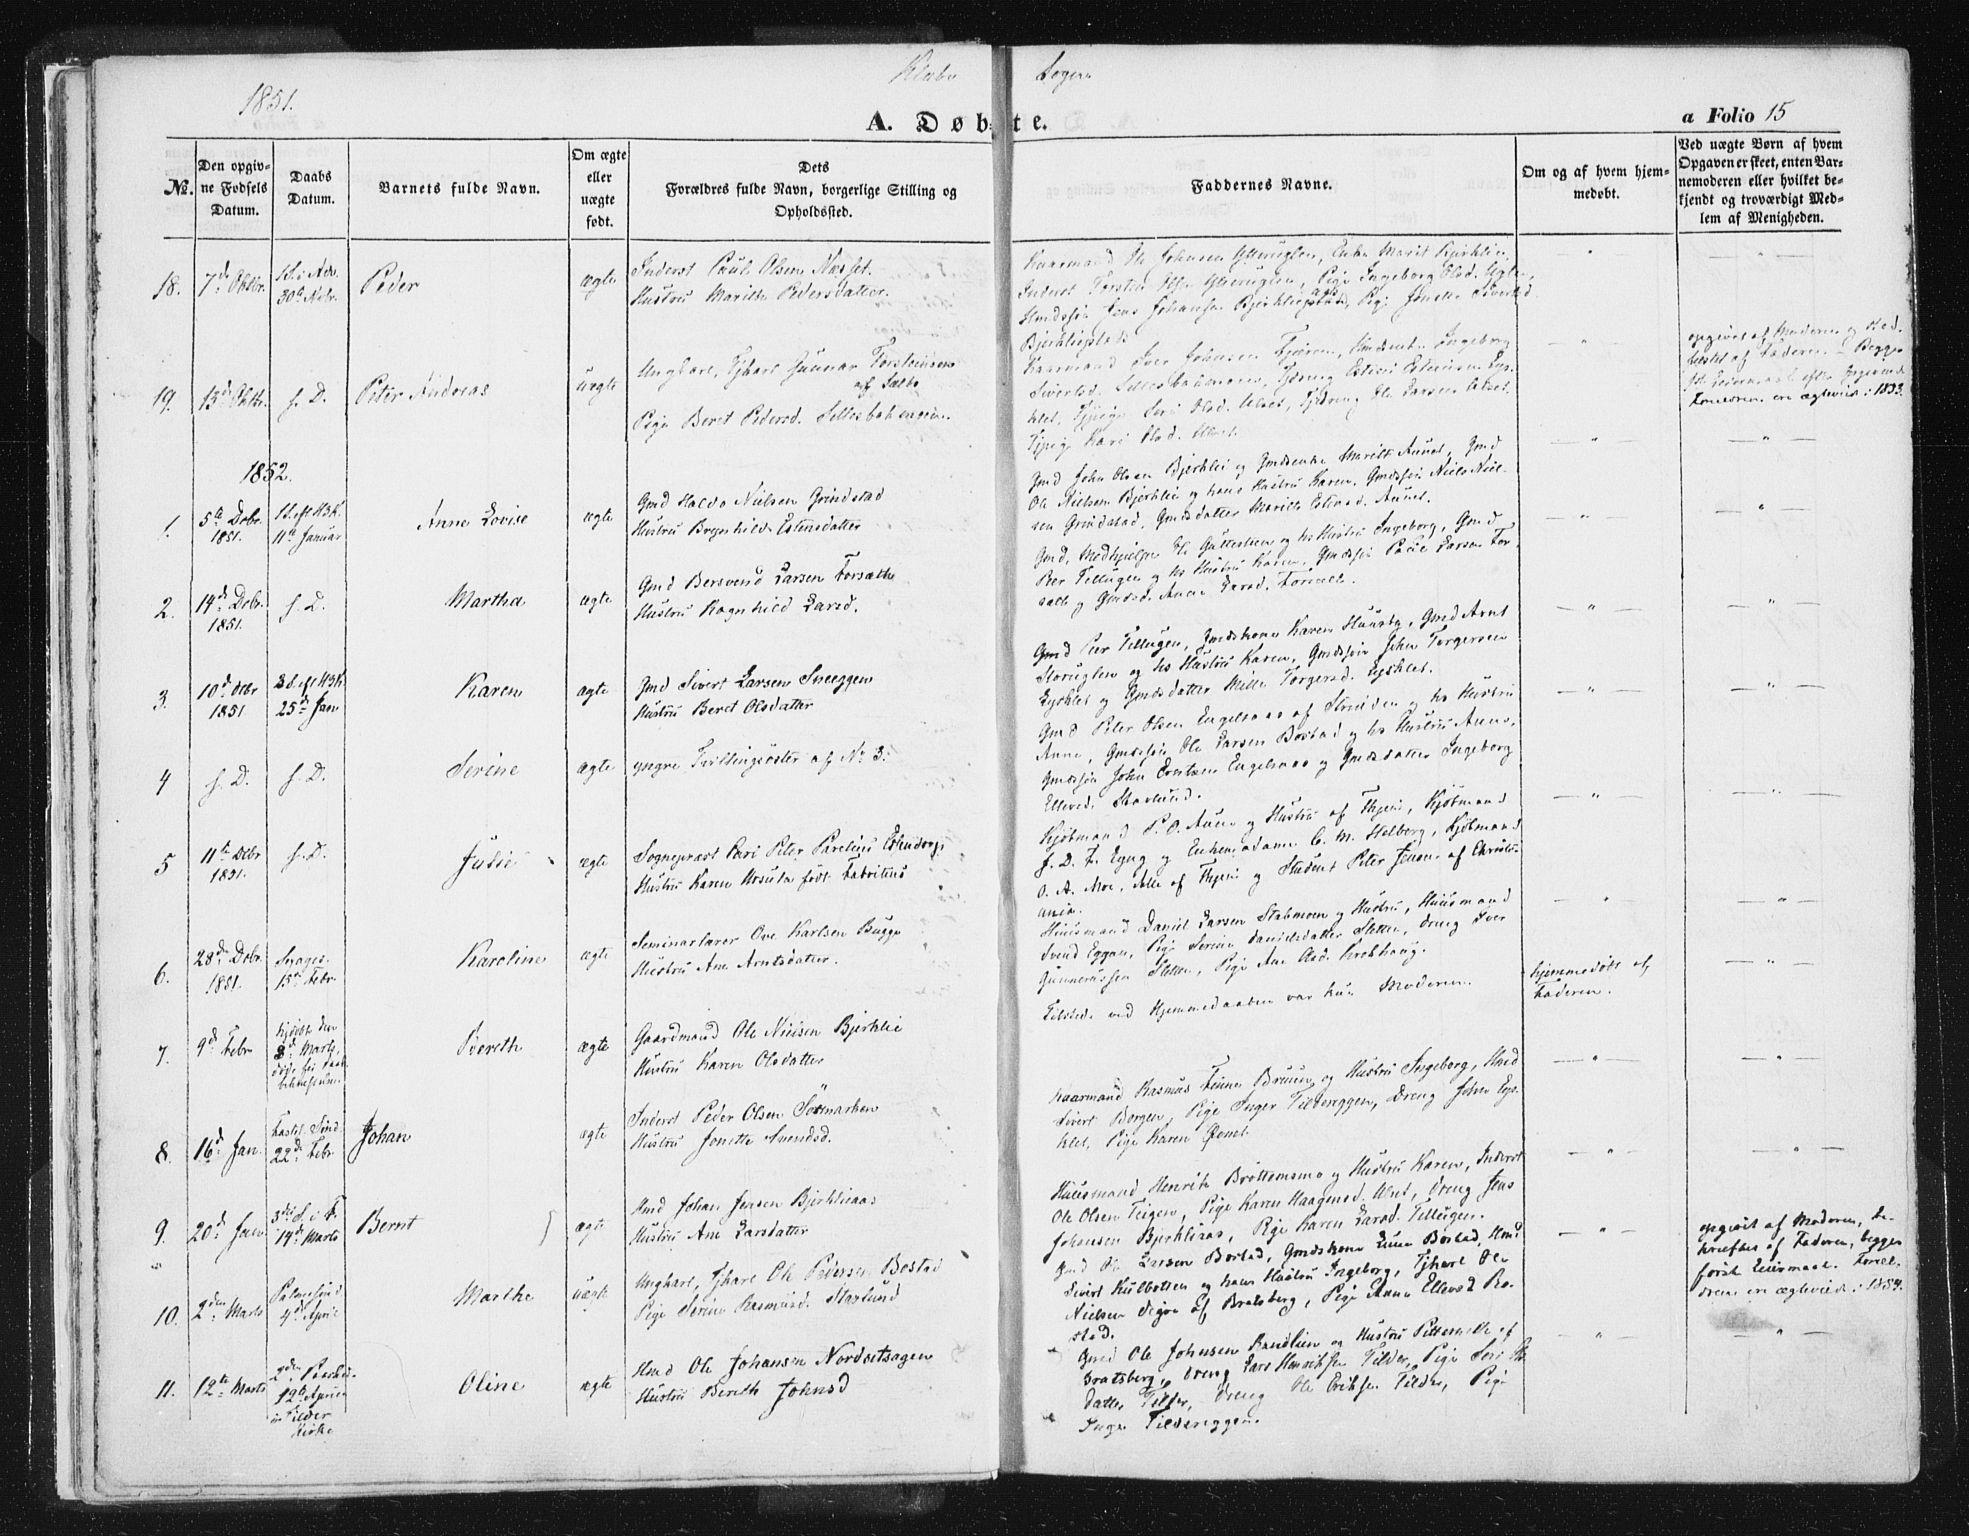 SAT, Ministerialprotokoller, klokkerbøker og fødselsregistre - Sør-Trøndelag, 618/L0441: Ministerialbok nr. 618A05, 1843-1862, s. 15